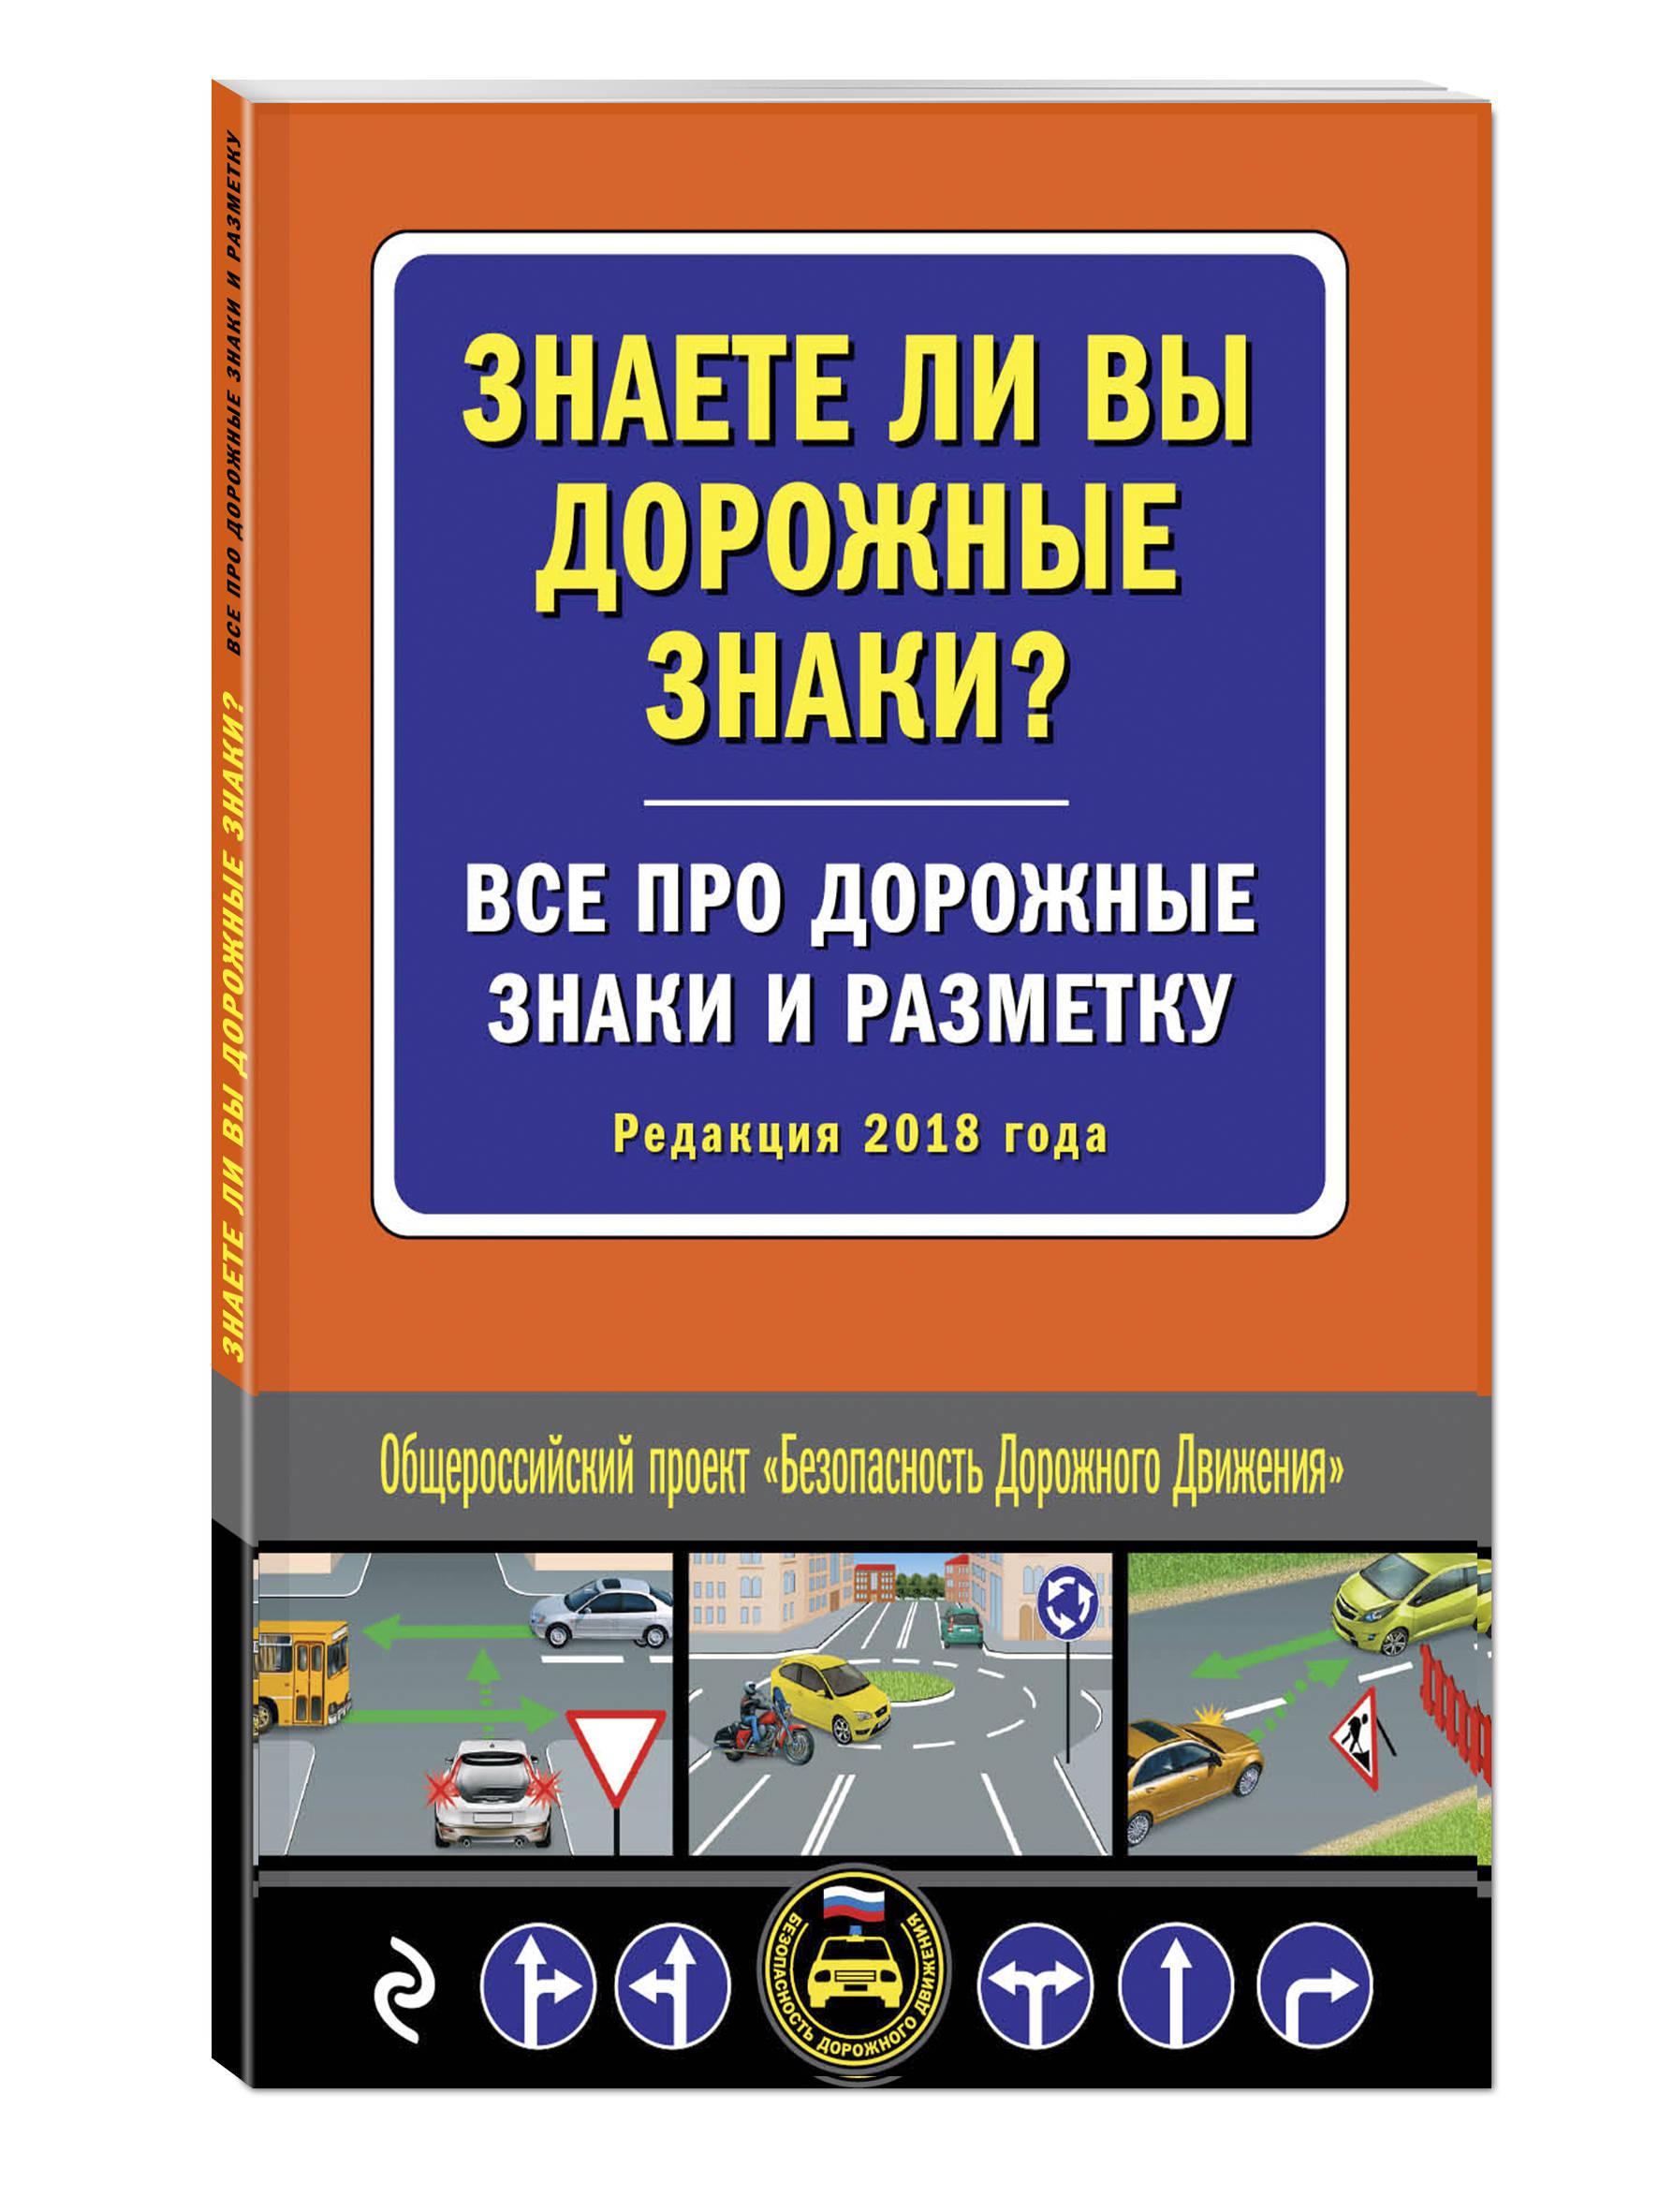 Знаете ли вы дорожные знаки? Все про дорожные знаки и разметку (Редакция 2018 года) фигурки игрушки лэм дорожные знаки